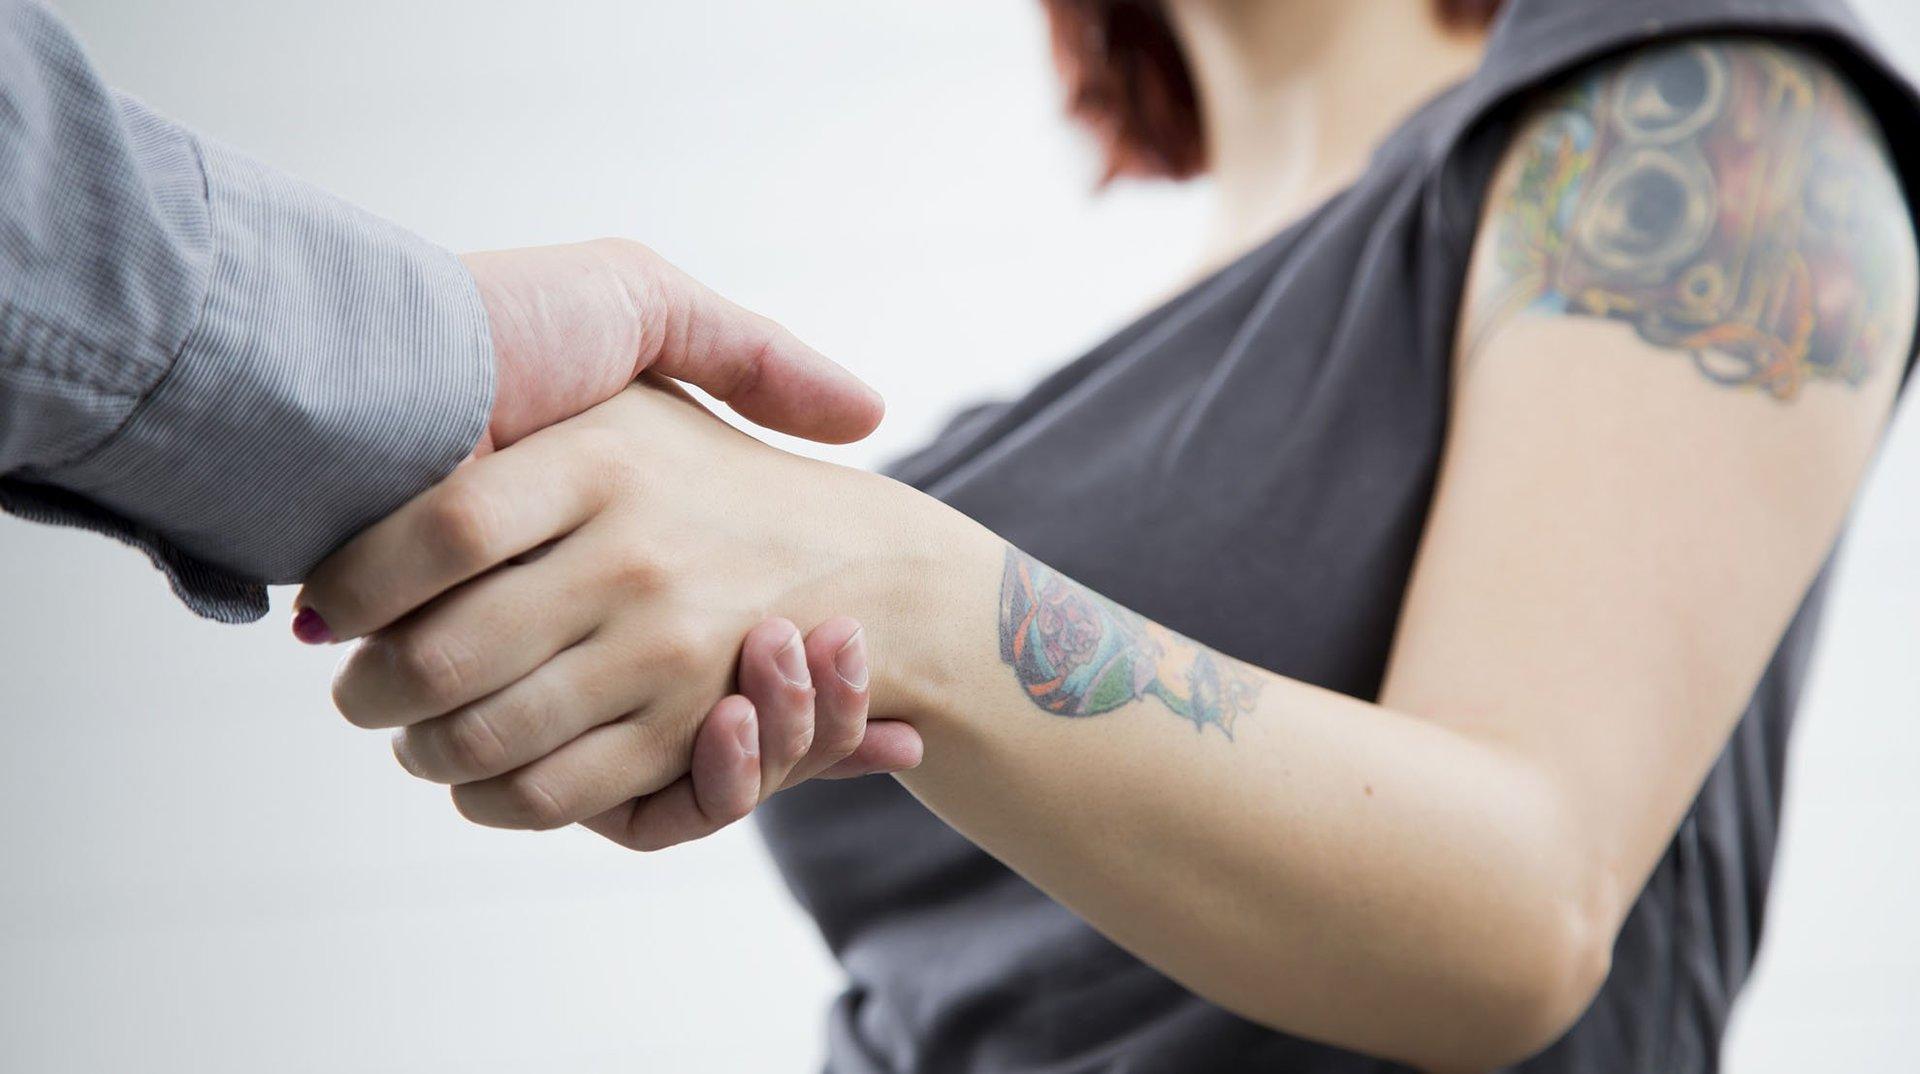 Czy tatuaże można usunąć laserem?